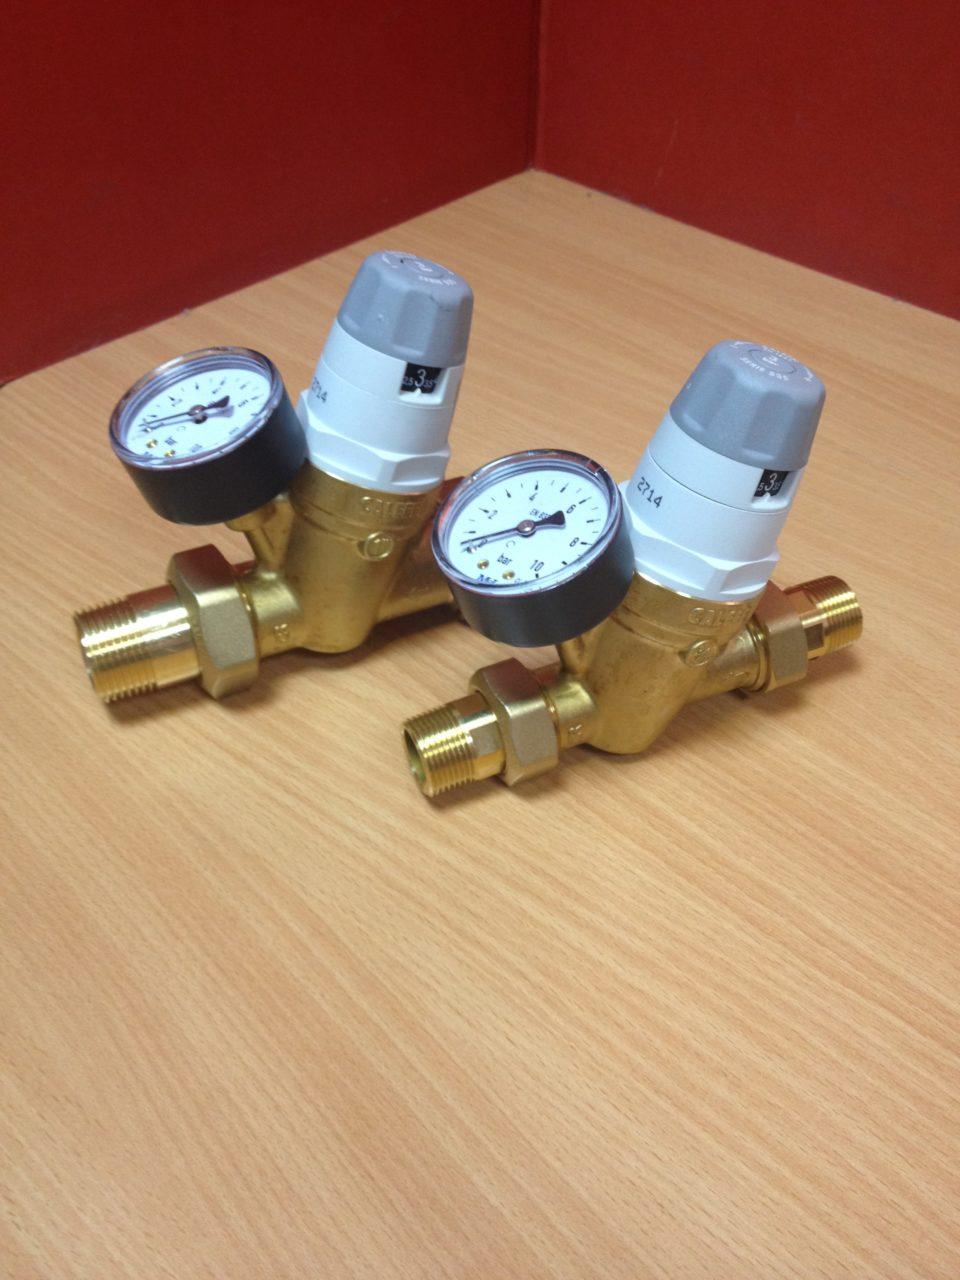 V lvulas reductoras presi n agua openclima online for Manometro para medir presion de agua